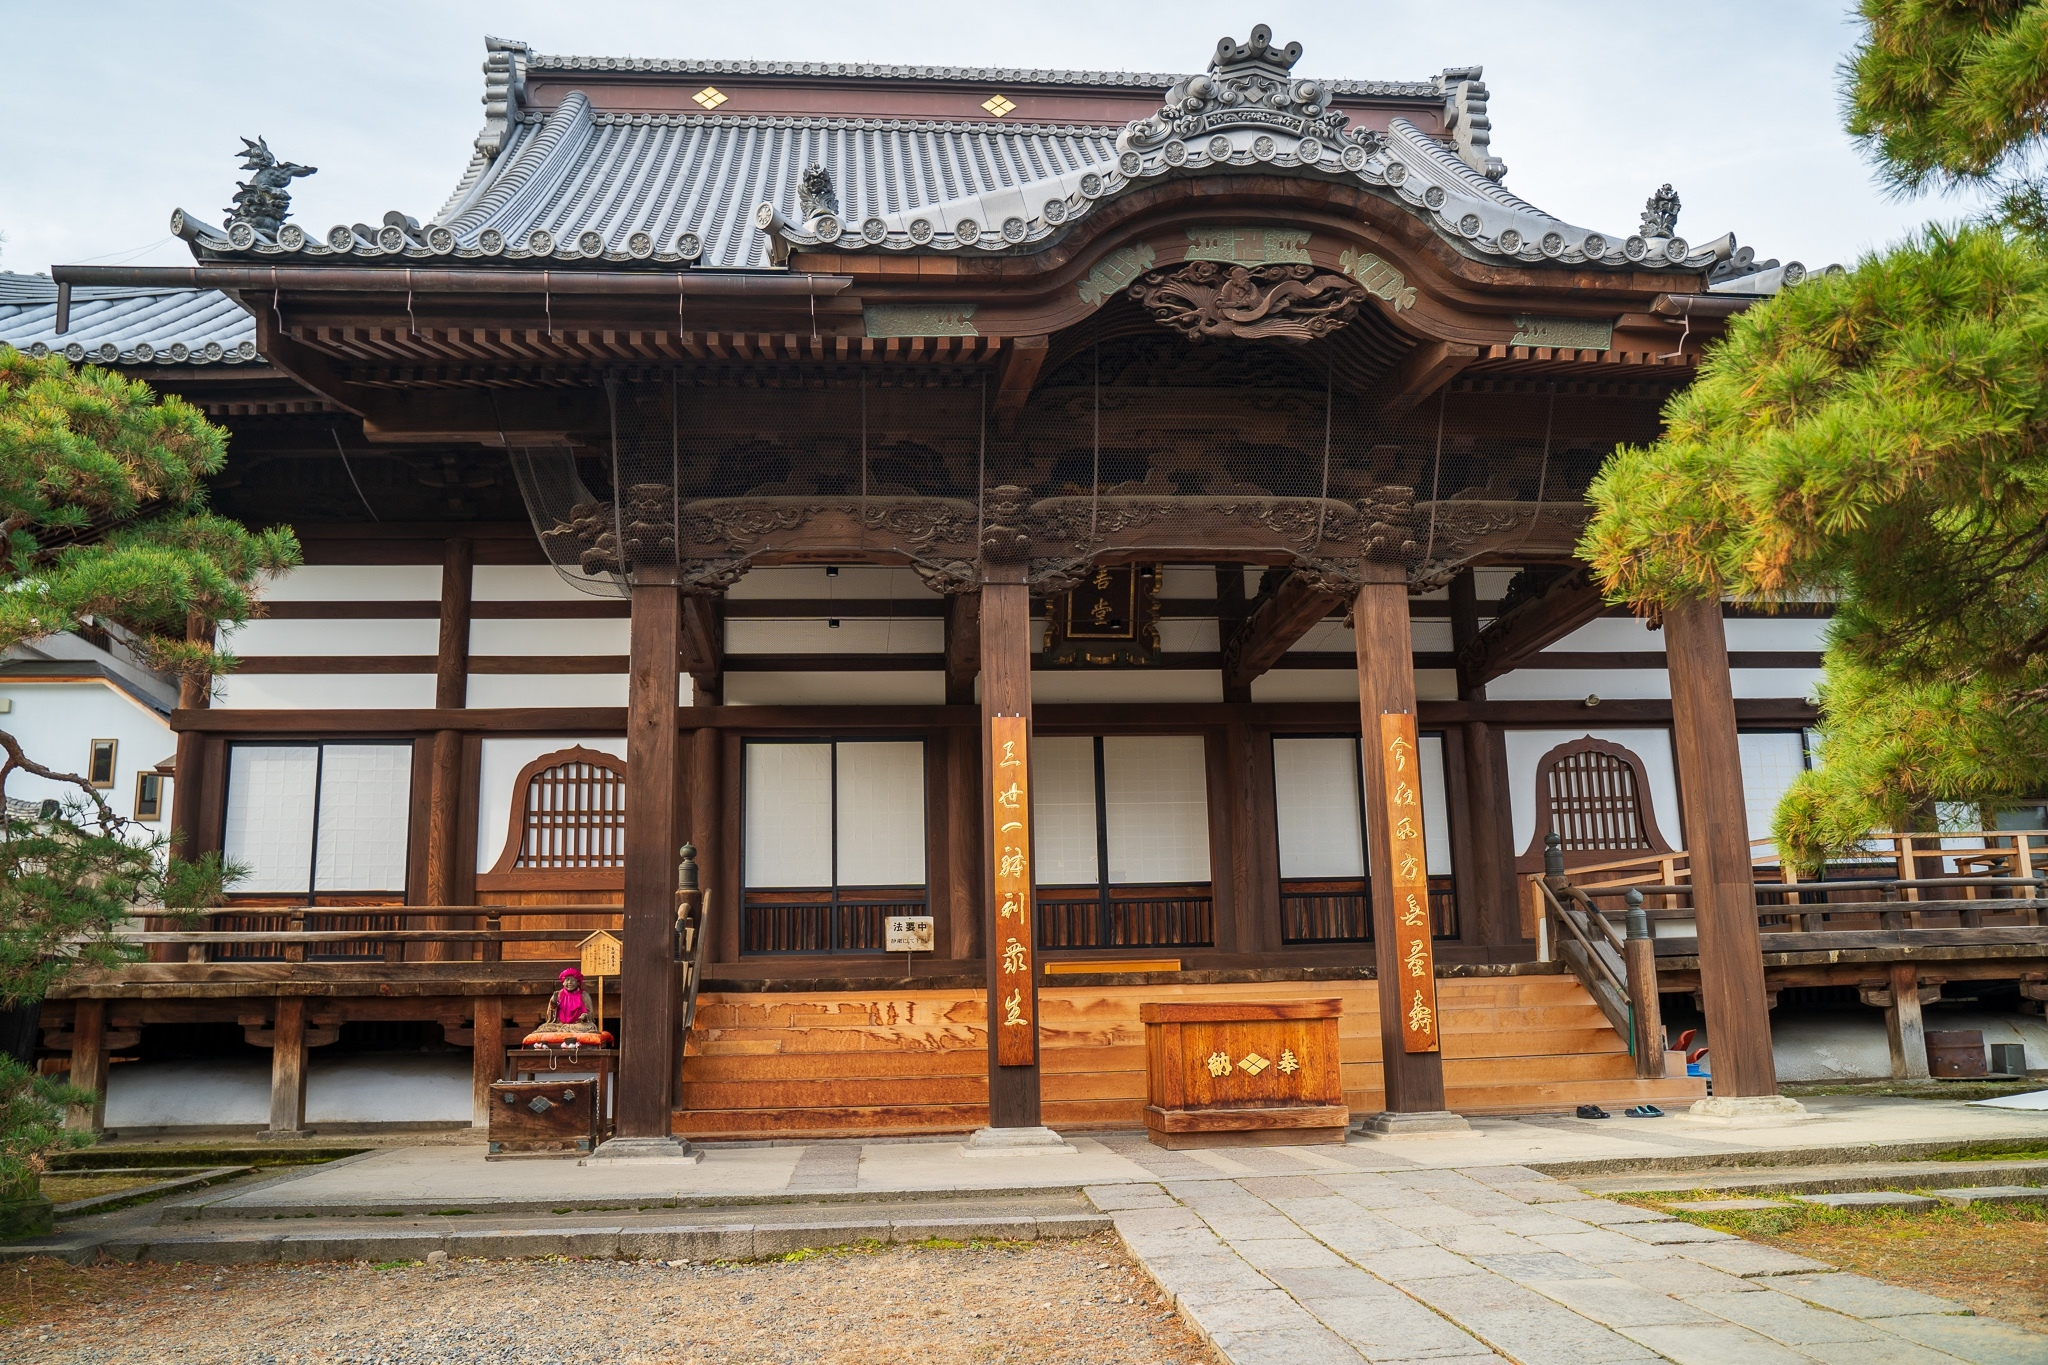 【長野県】『善光寺』を120%満喫する観光ガイド(駐車場・御朱印・写真スポット)まとめ